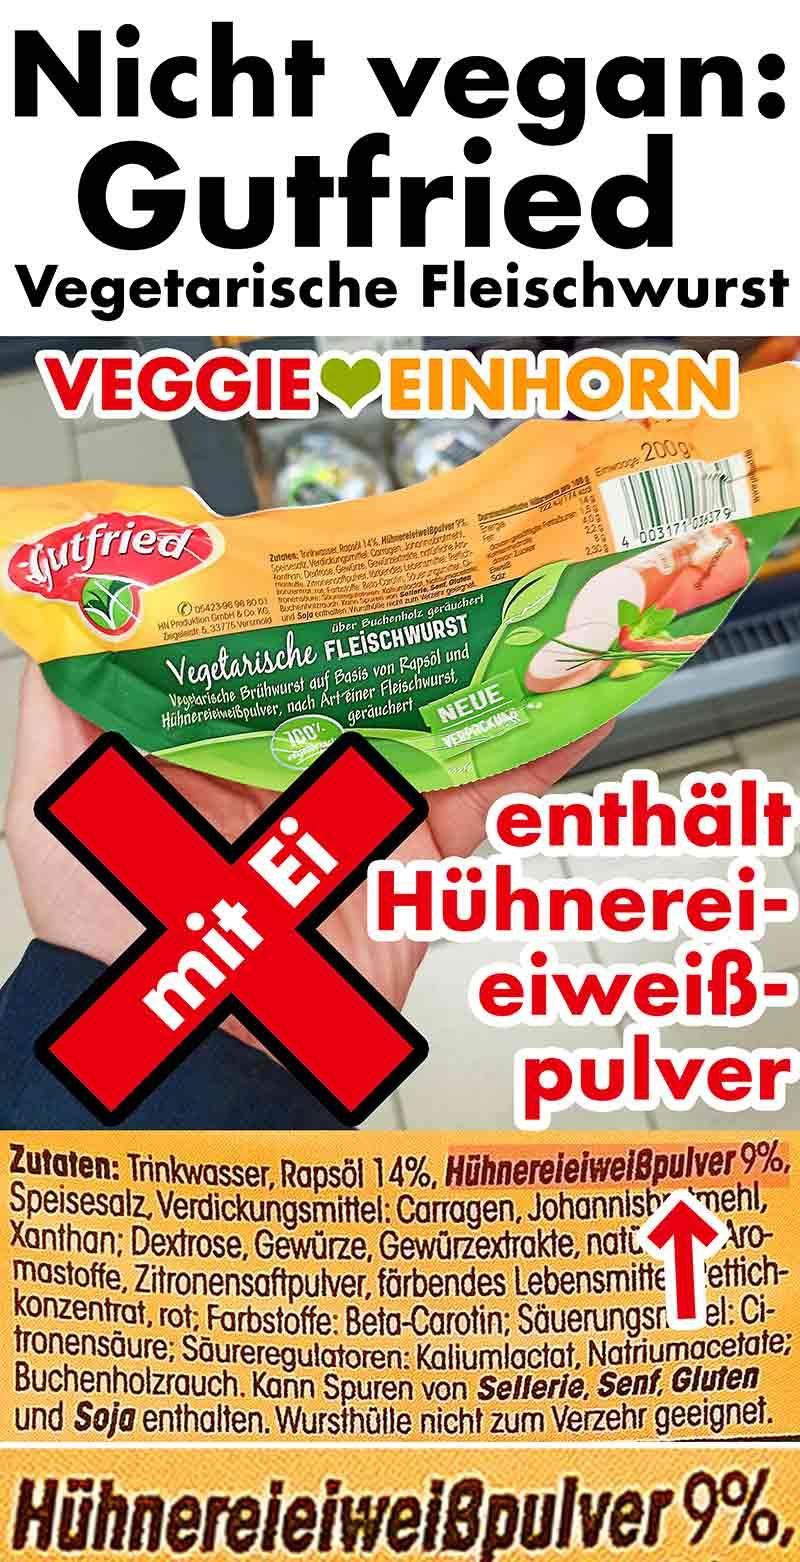 Vegetarische Fleischwurst von Gutfried im Supermarkt